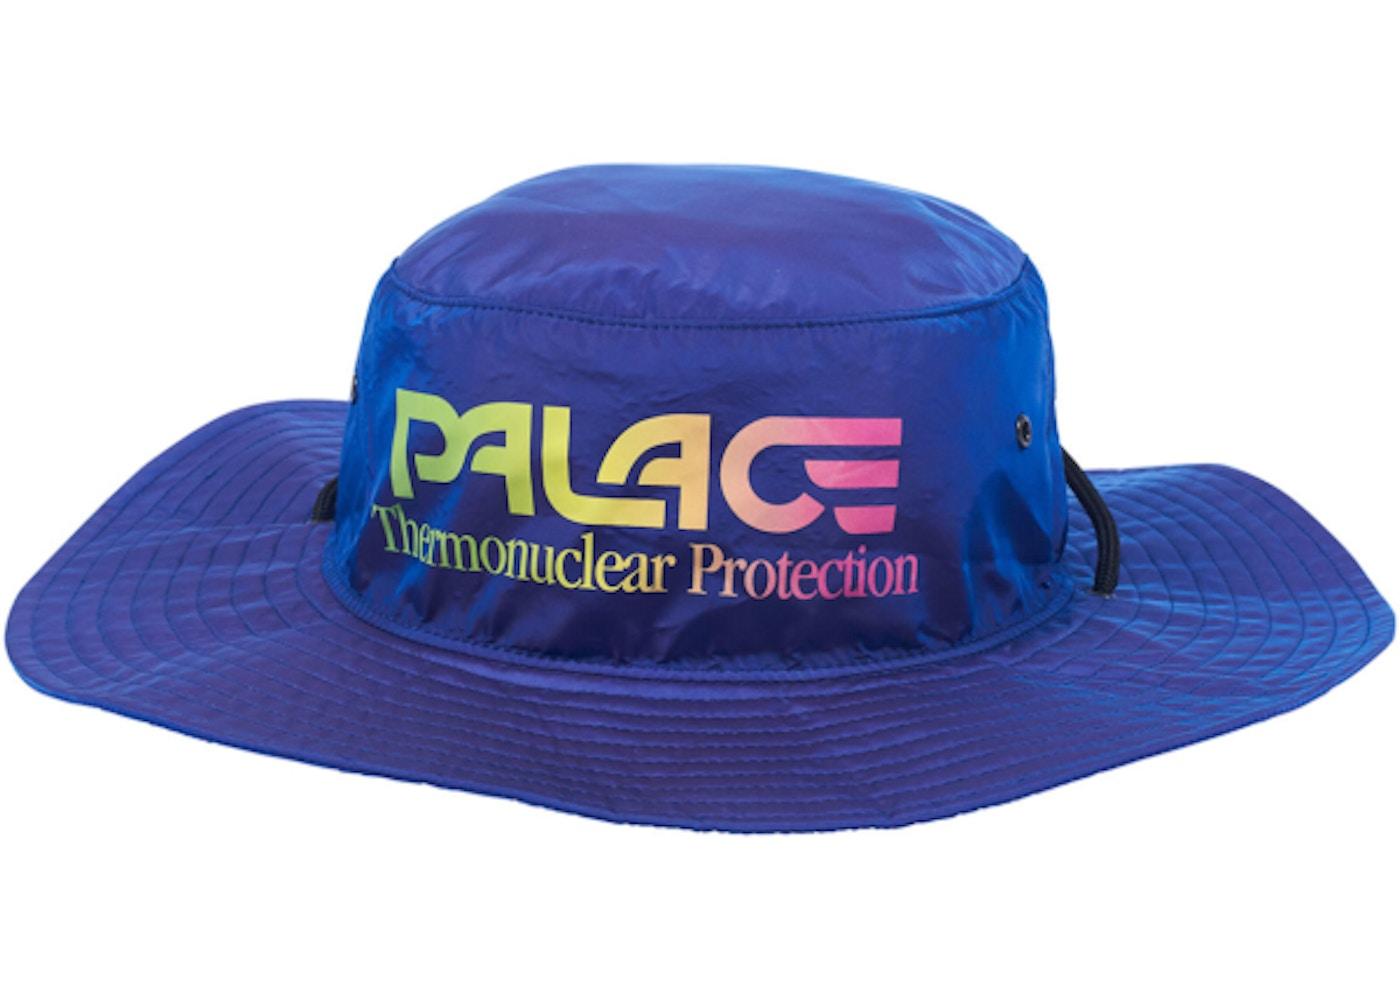 6b203c32ba8 Palace Headwear - Buy   Sell Streetwear